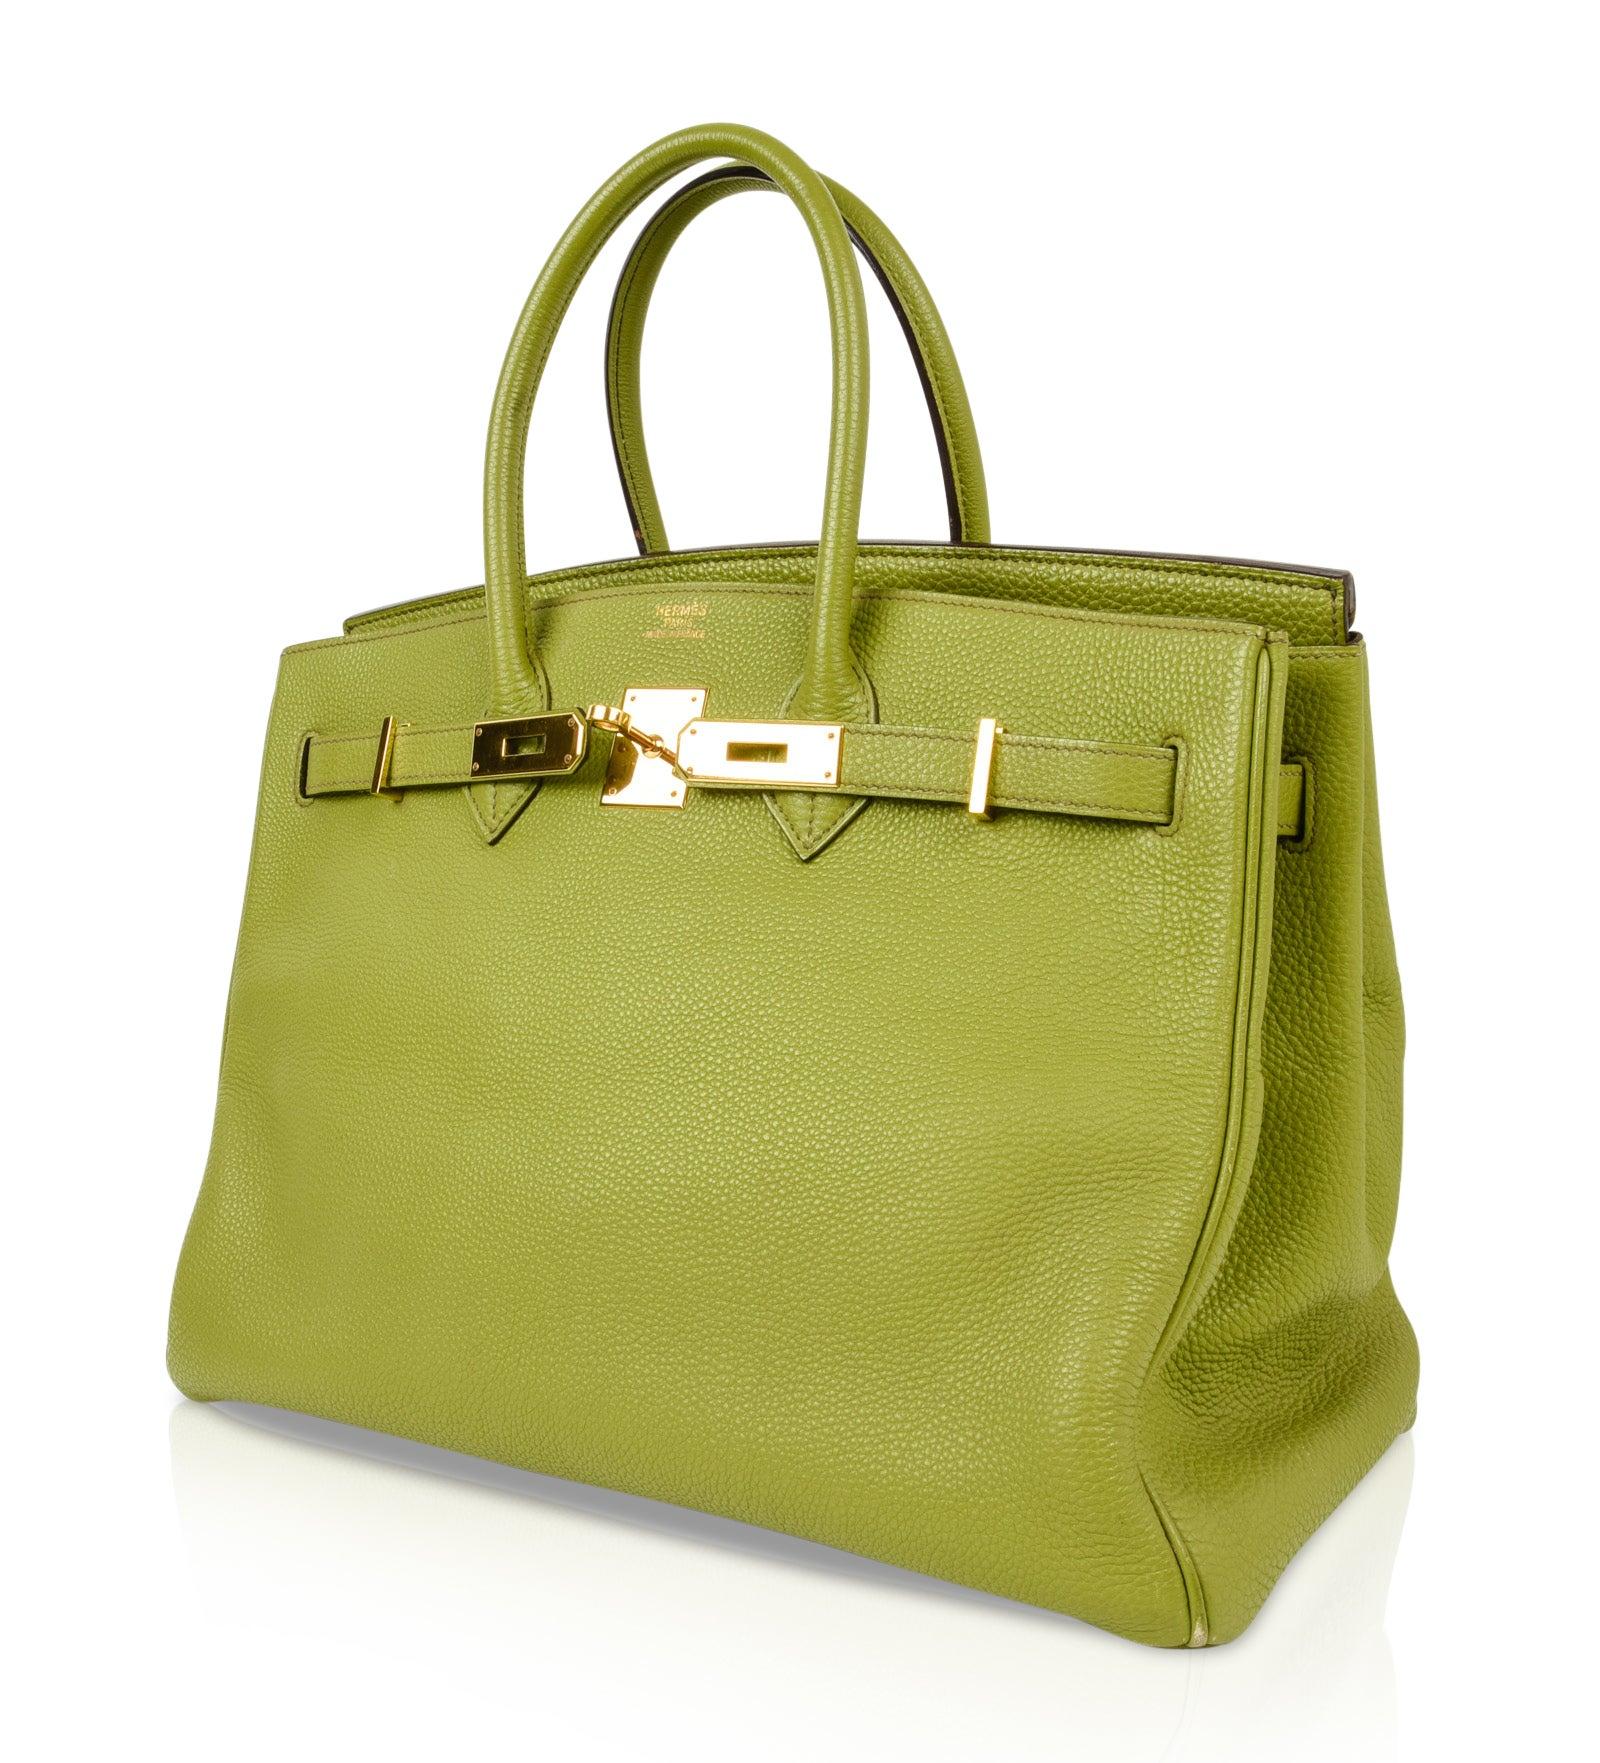 1401703e205 Hermes Birkin 35 Bag Chartreuse Togo Gold Hardware For Sale at 1stdibs